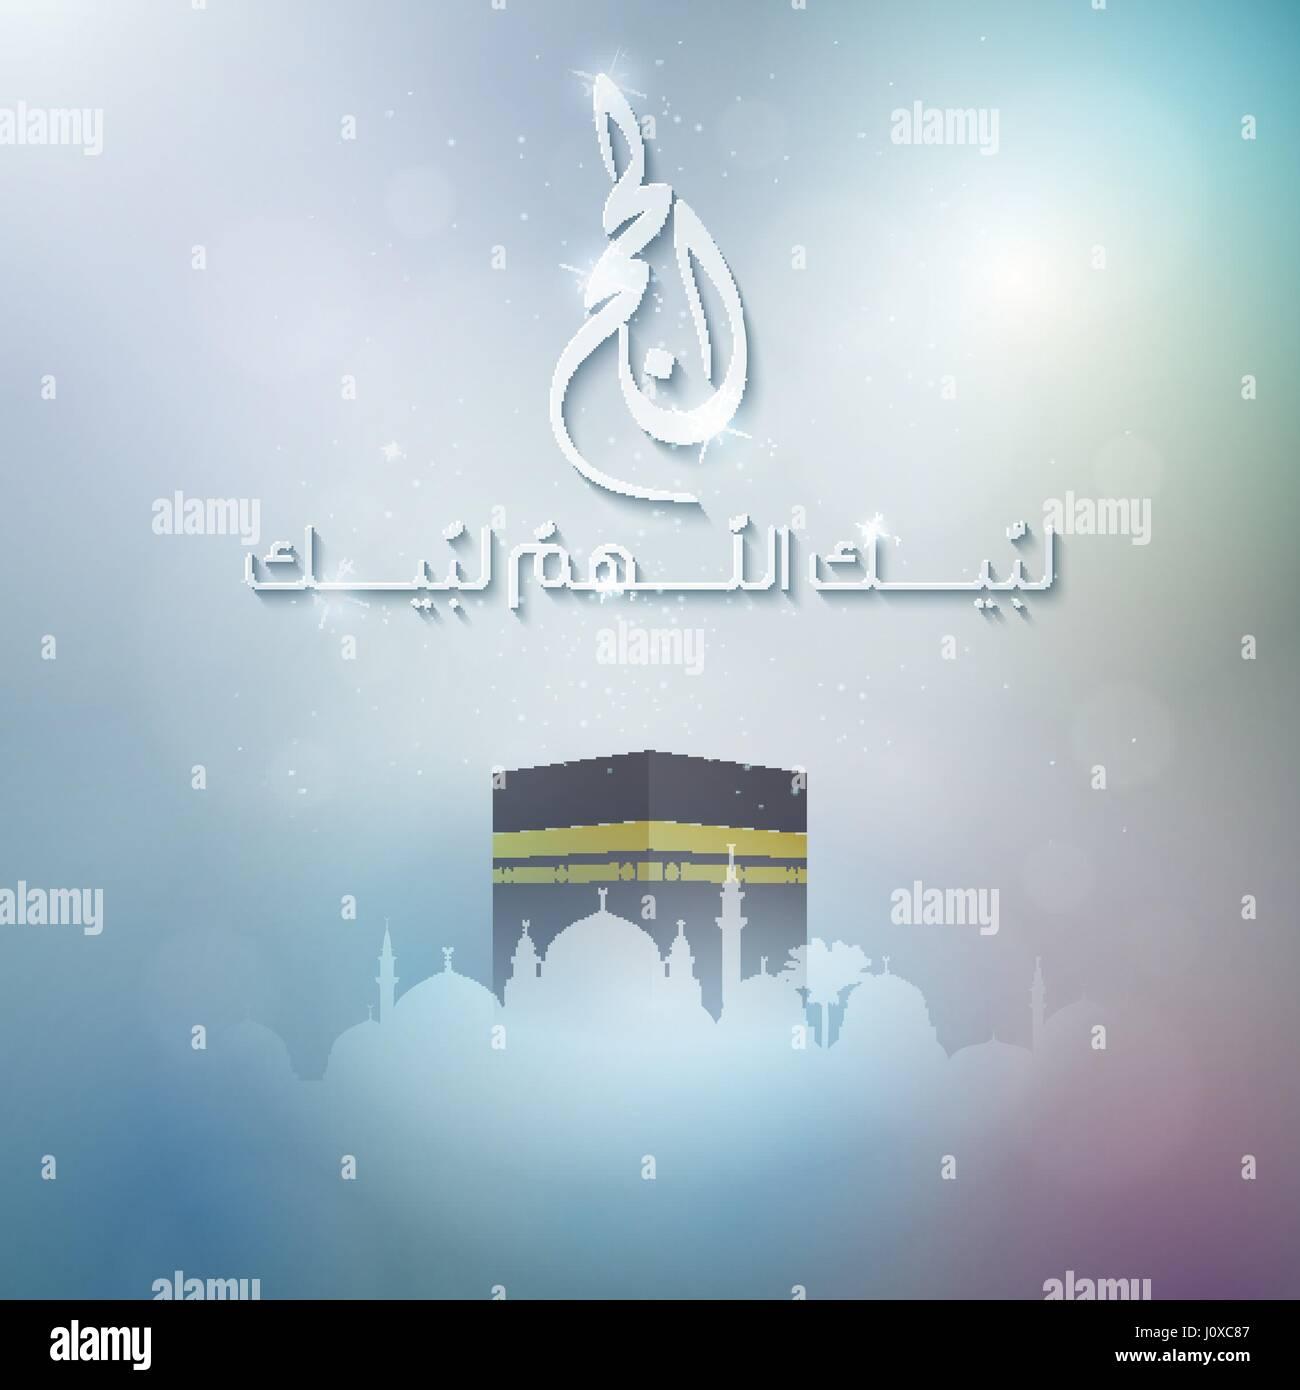 Hajj kaaba and mosque eid mubarak islamic calligraphy for banner hajj kaaba and mosque eid mubarak islamic calligraphy for banner m4hsunfo